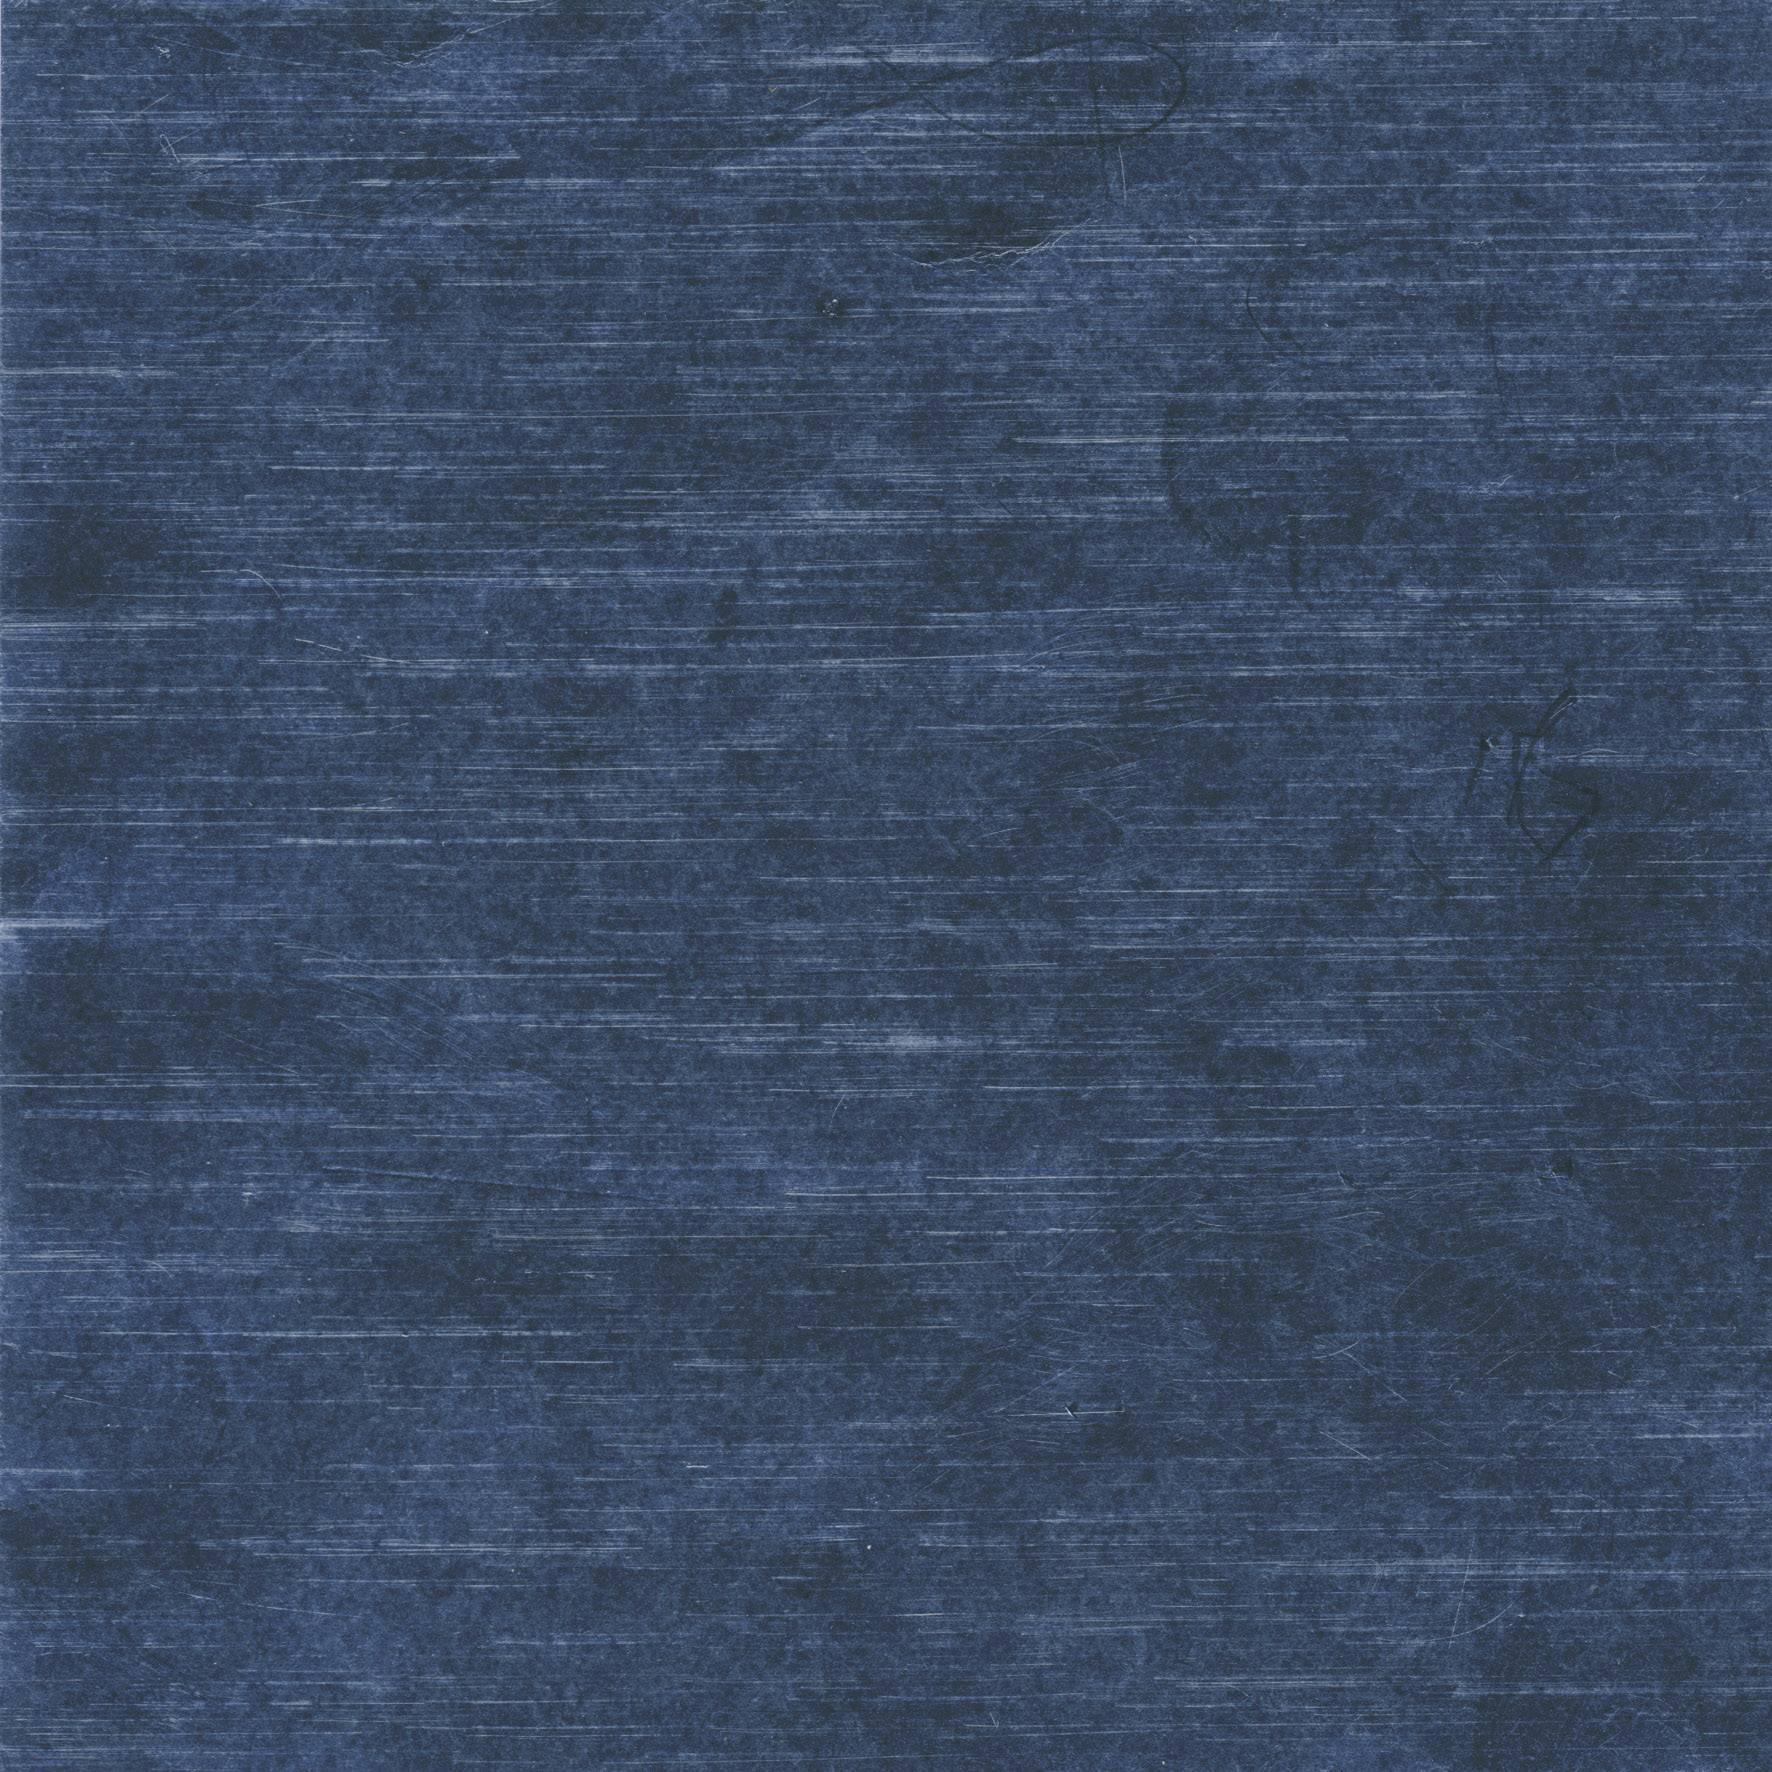 Teplovodivá fólia Kerafol KERATHERM GRAFIT 90/10, 0.2 mm, 5.5 W/mK, (d x š) 100 mm x 100 mm